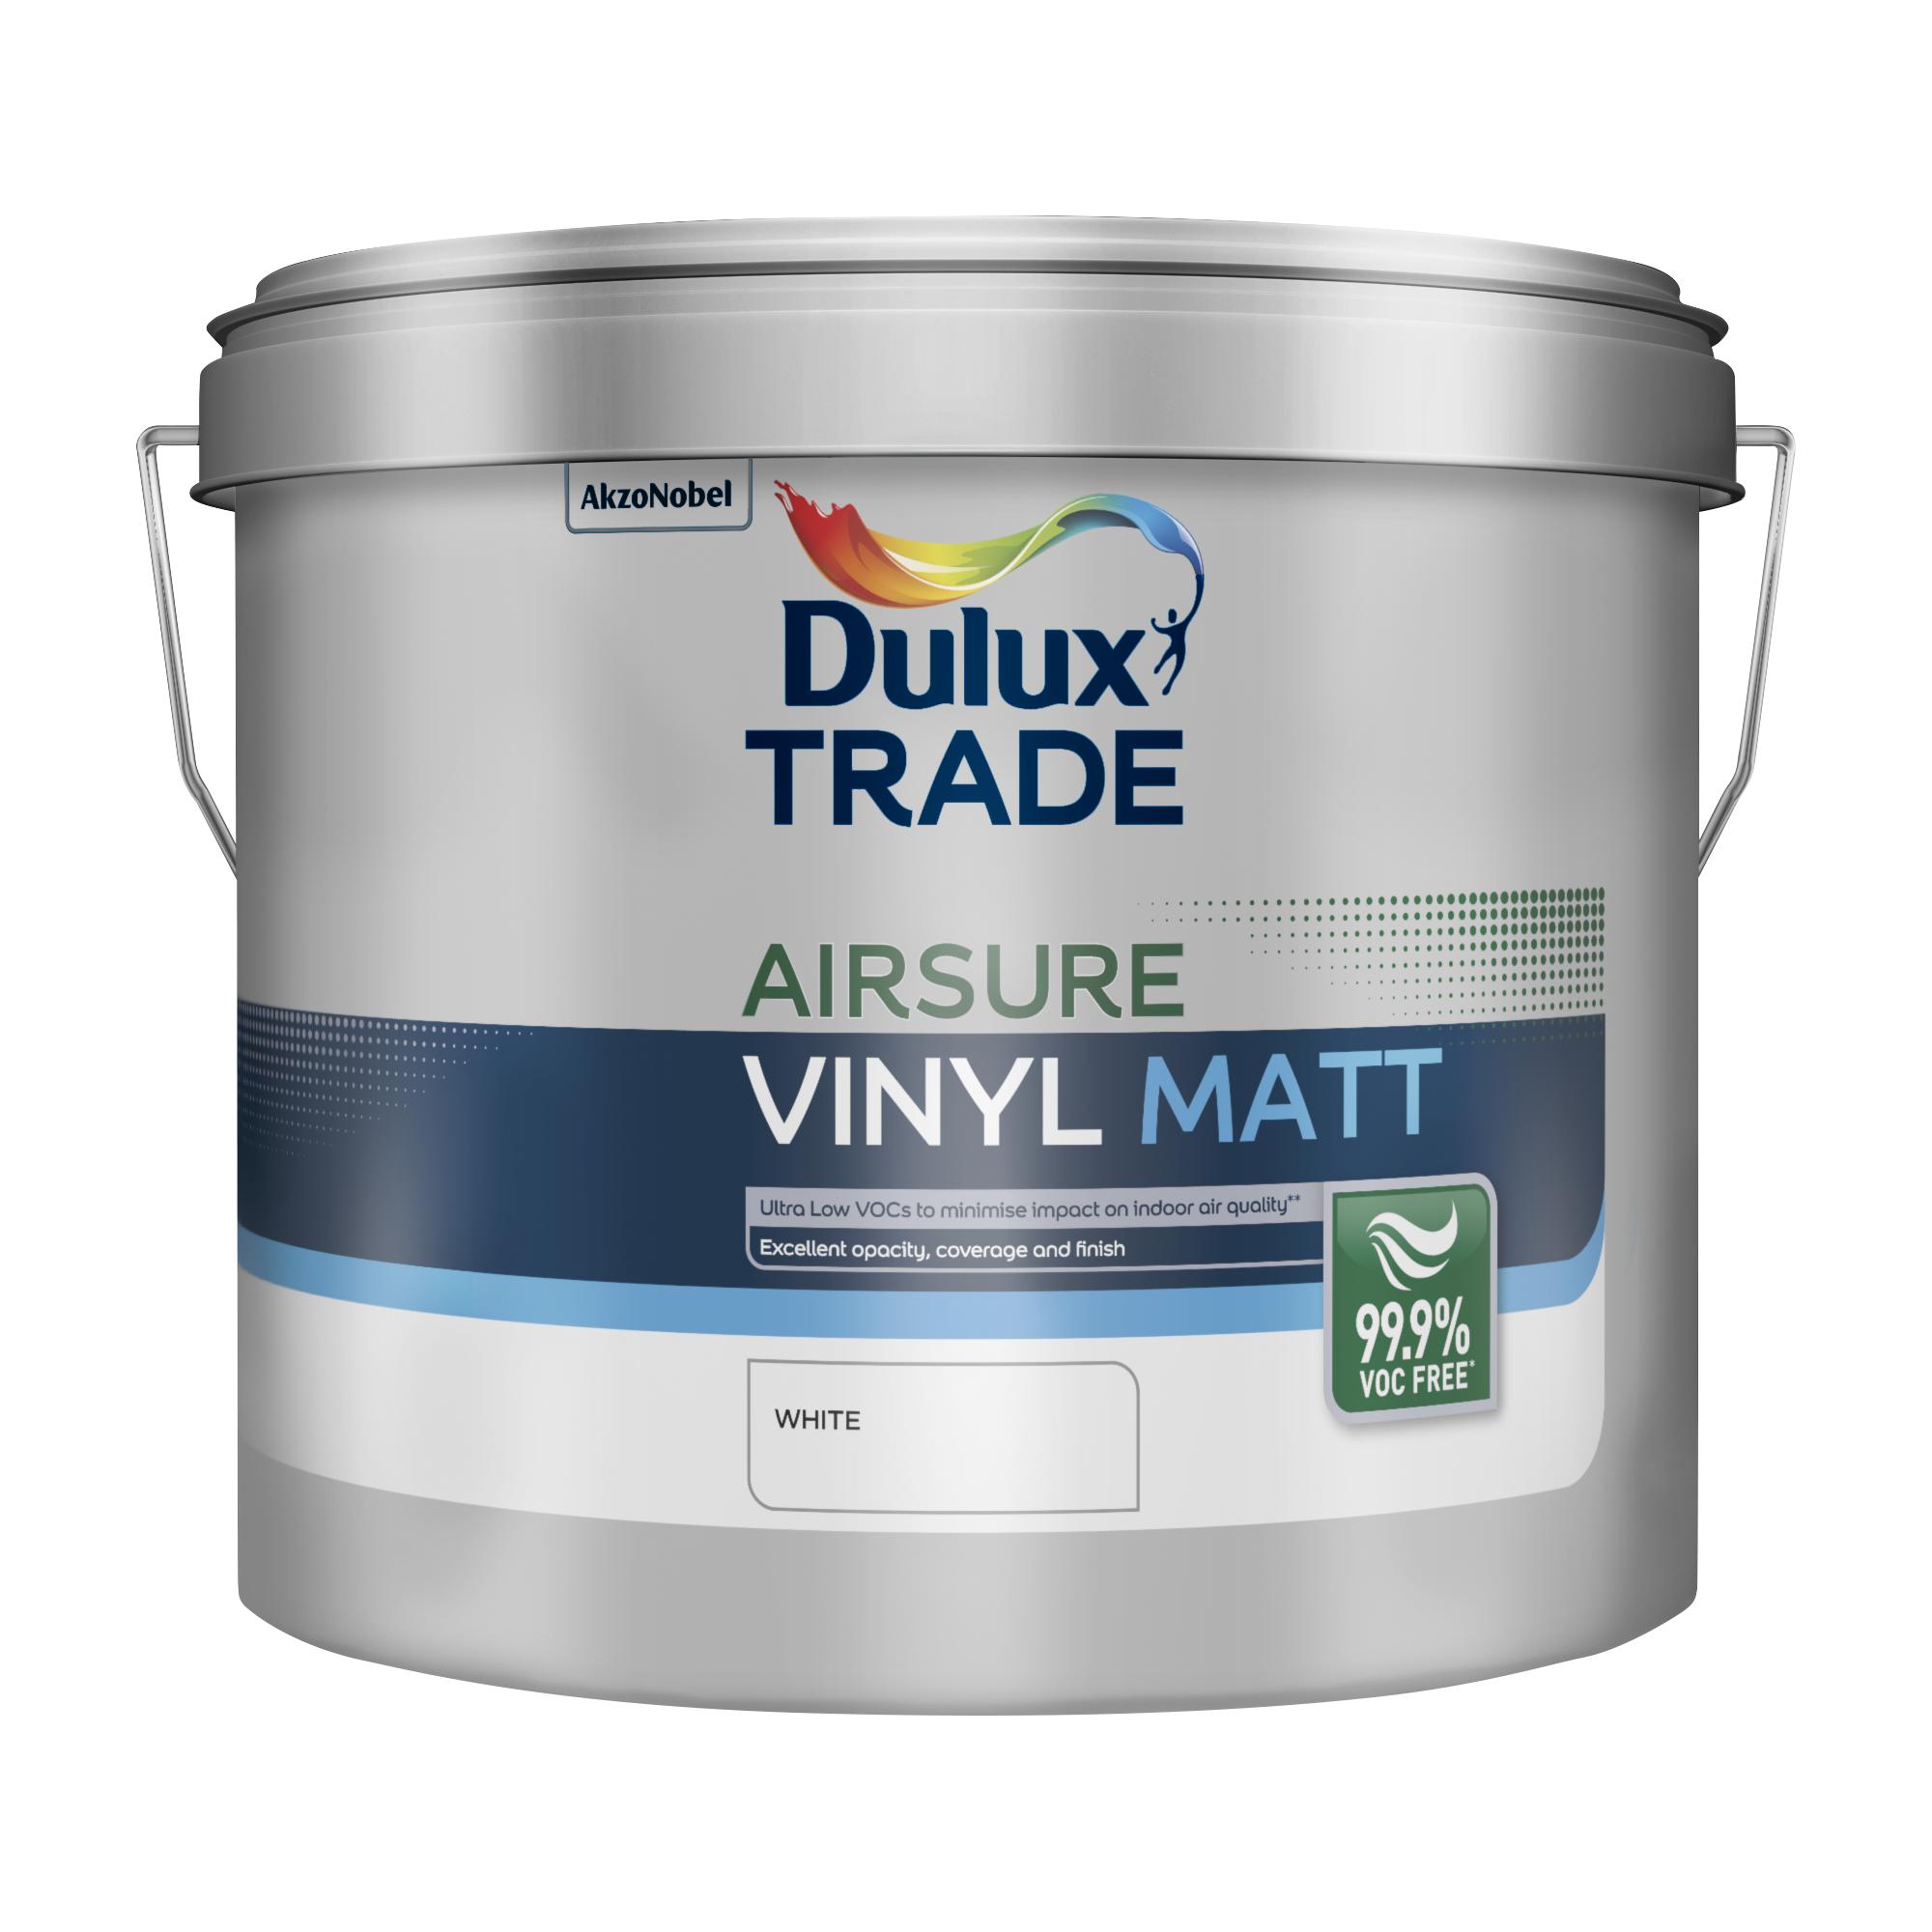 Dulux Trade Airsure Vinyl Matt